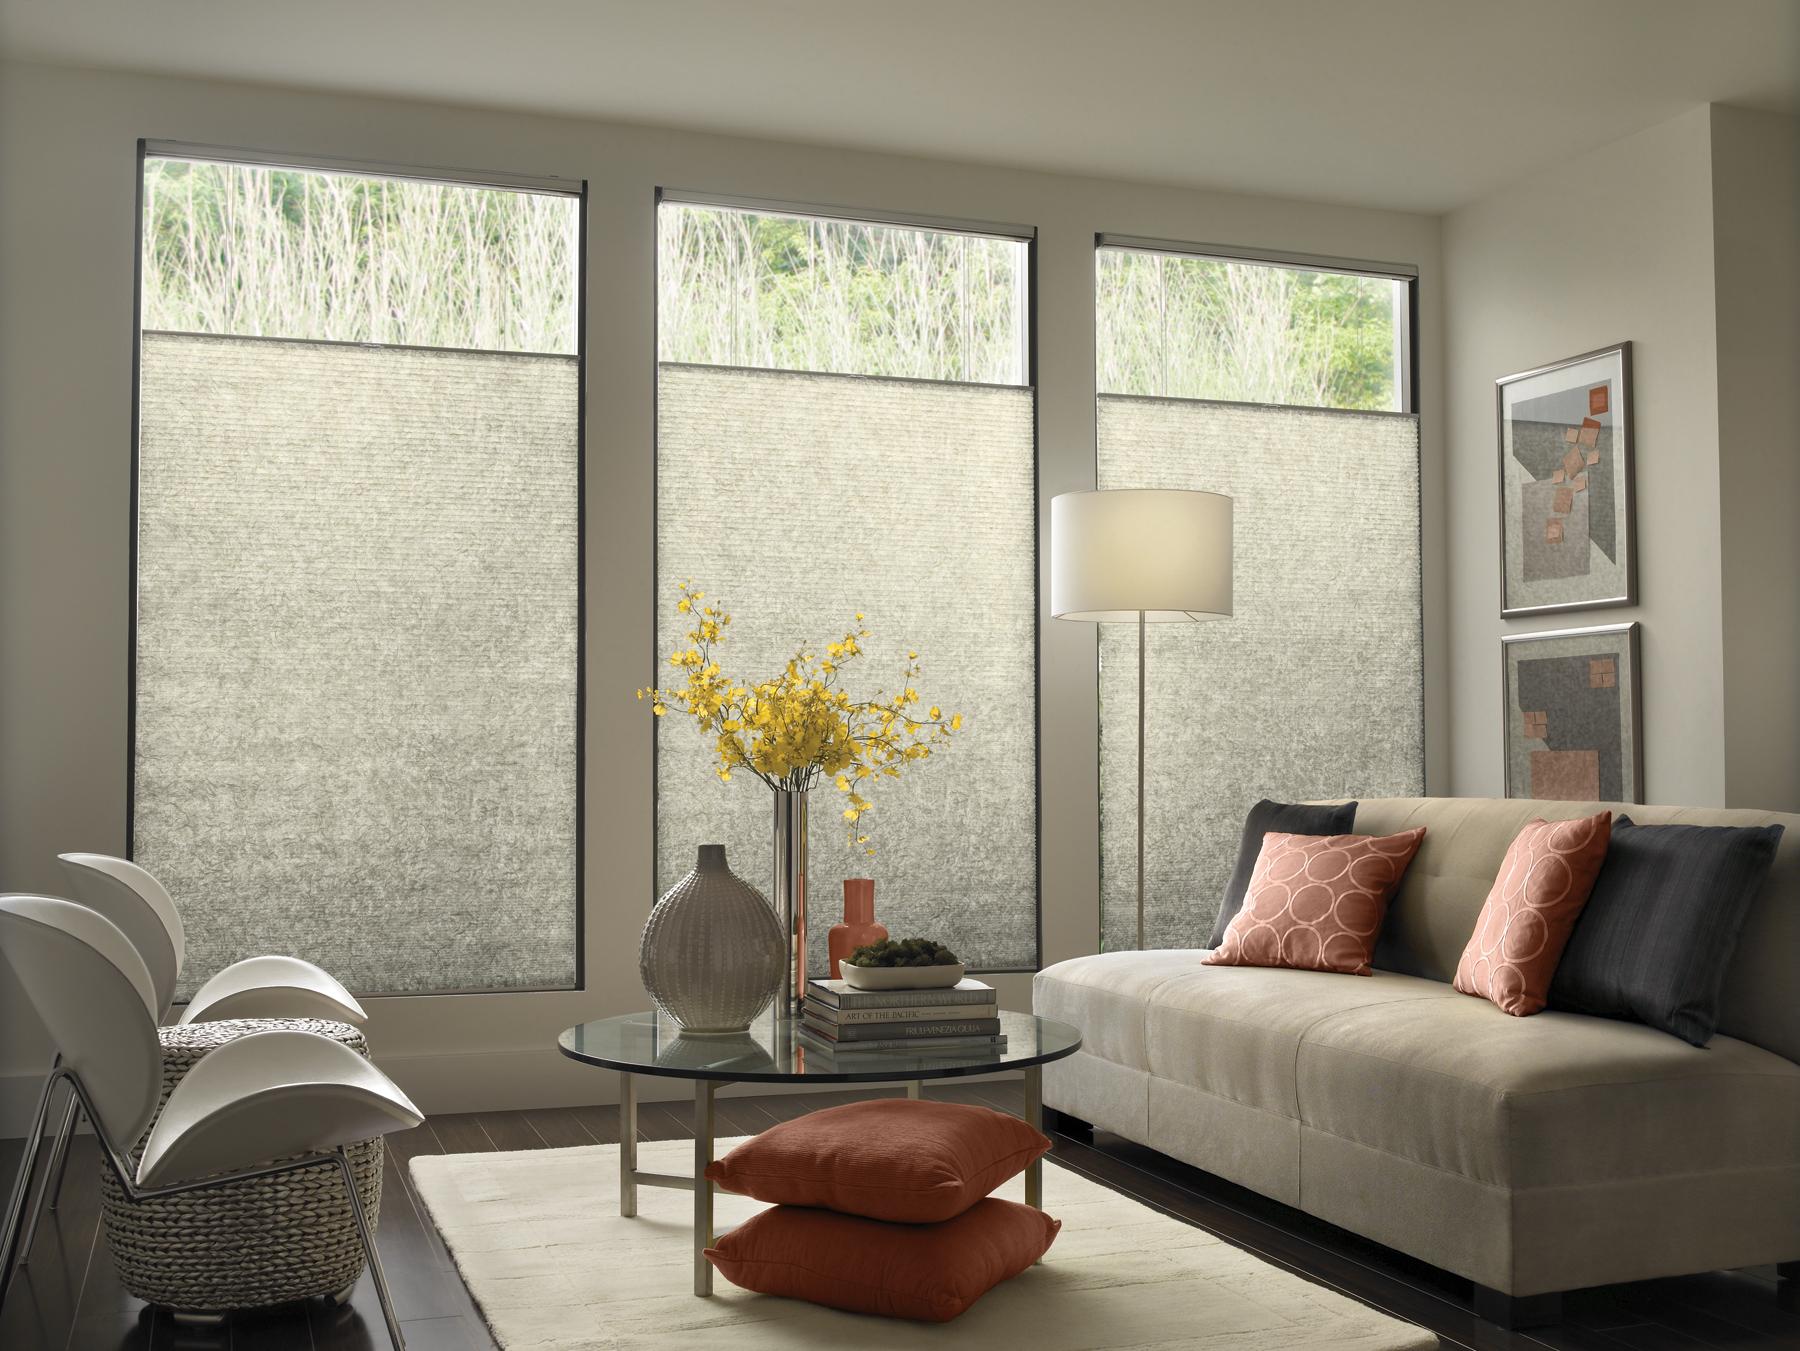 window-coverings-energy-efficient.jpg